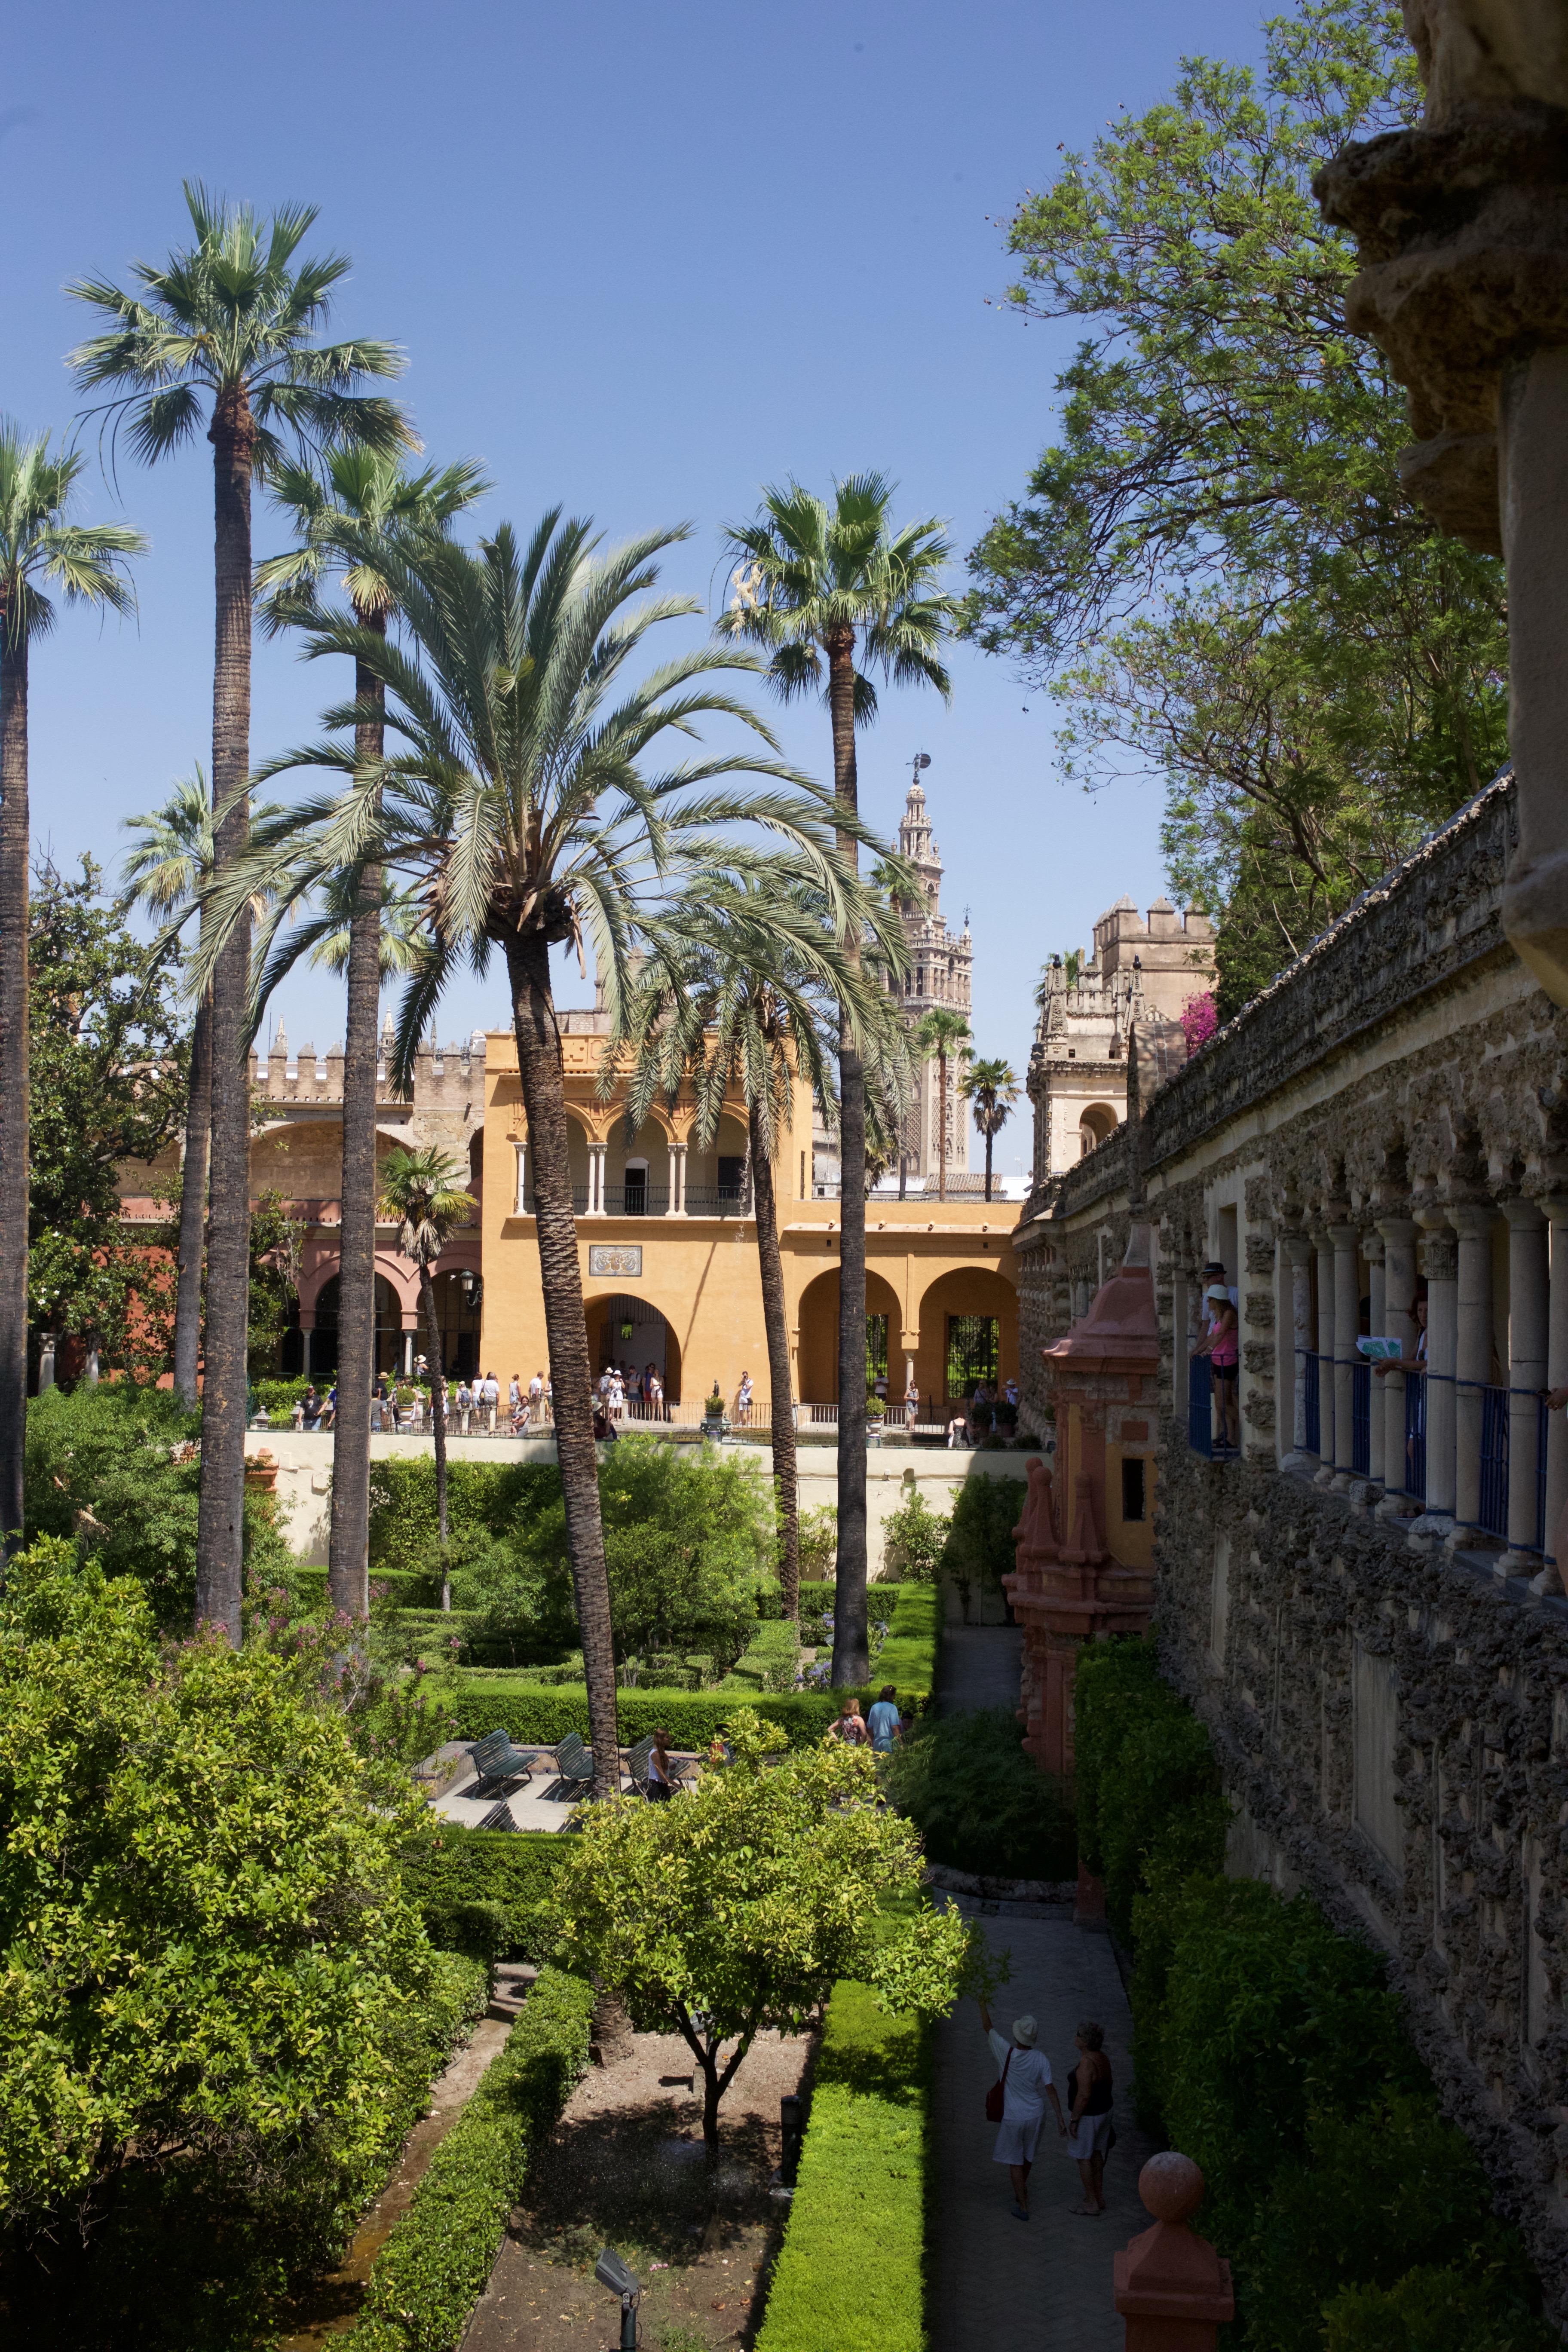 Tipps-Kurztrip-Sevilla-Handgepäck-Guide-Travel-Reiseblog-Reisen_8214